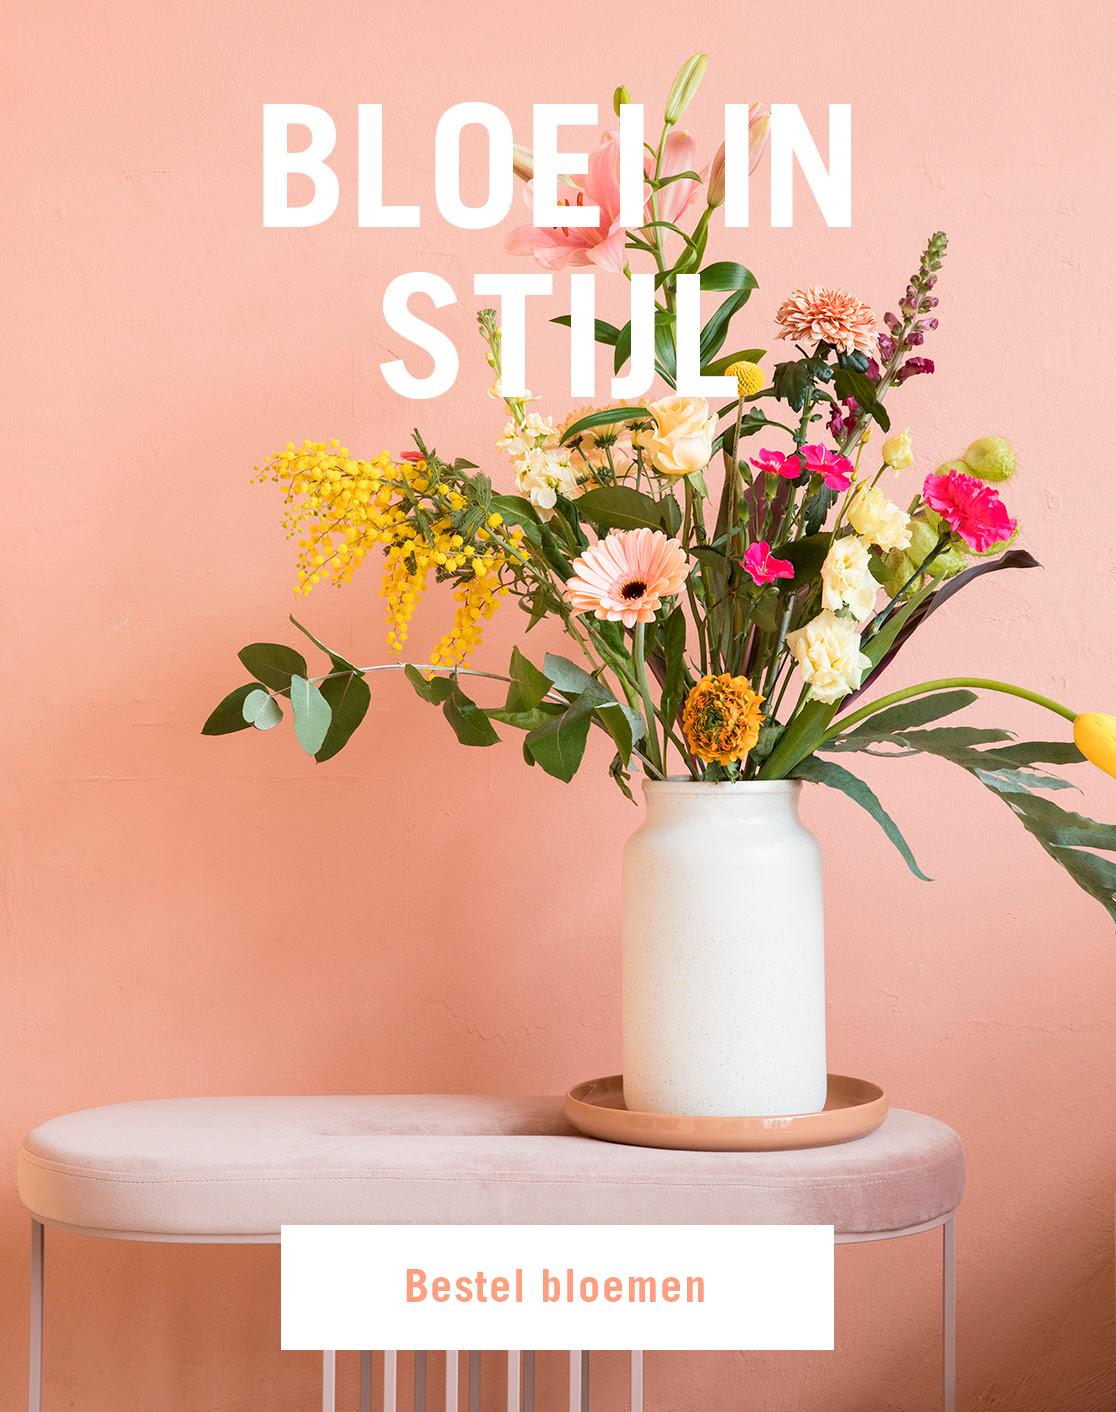 Gratis keramische vaas cadeau bij Bloomon (ook bestaande klanten!)